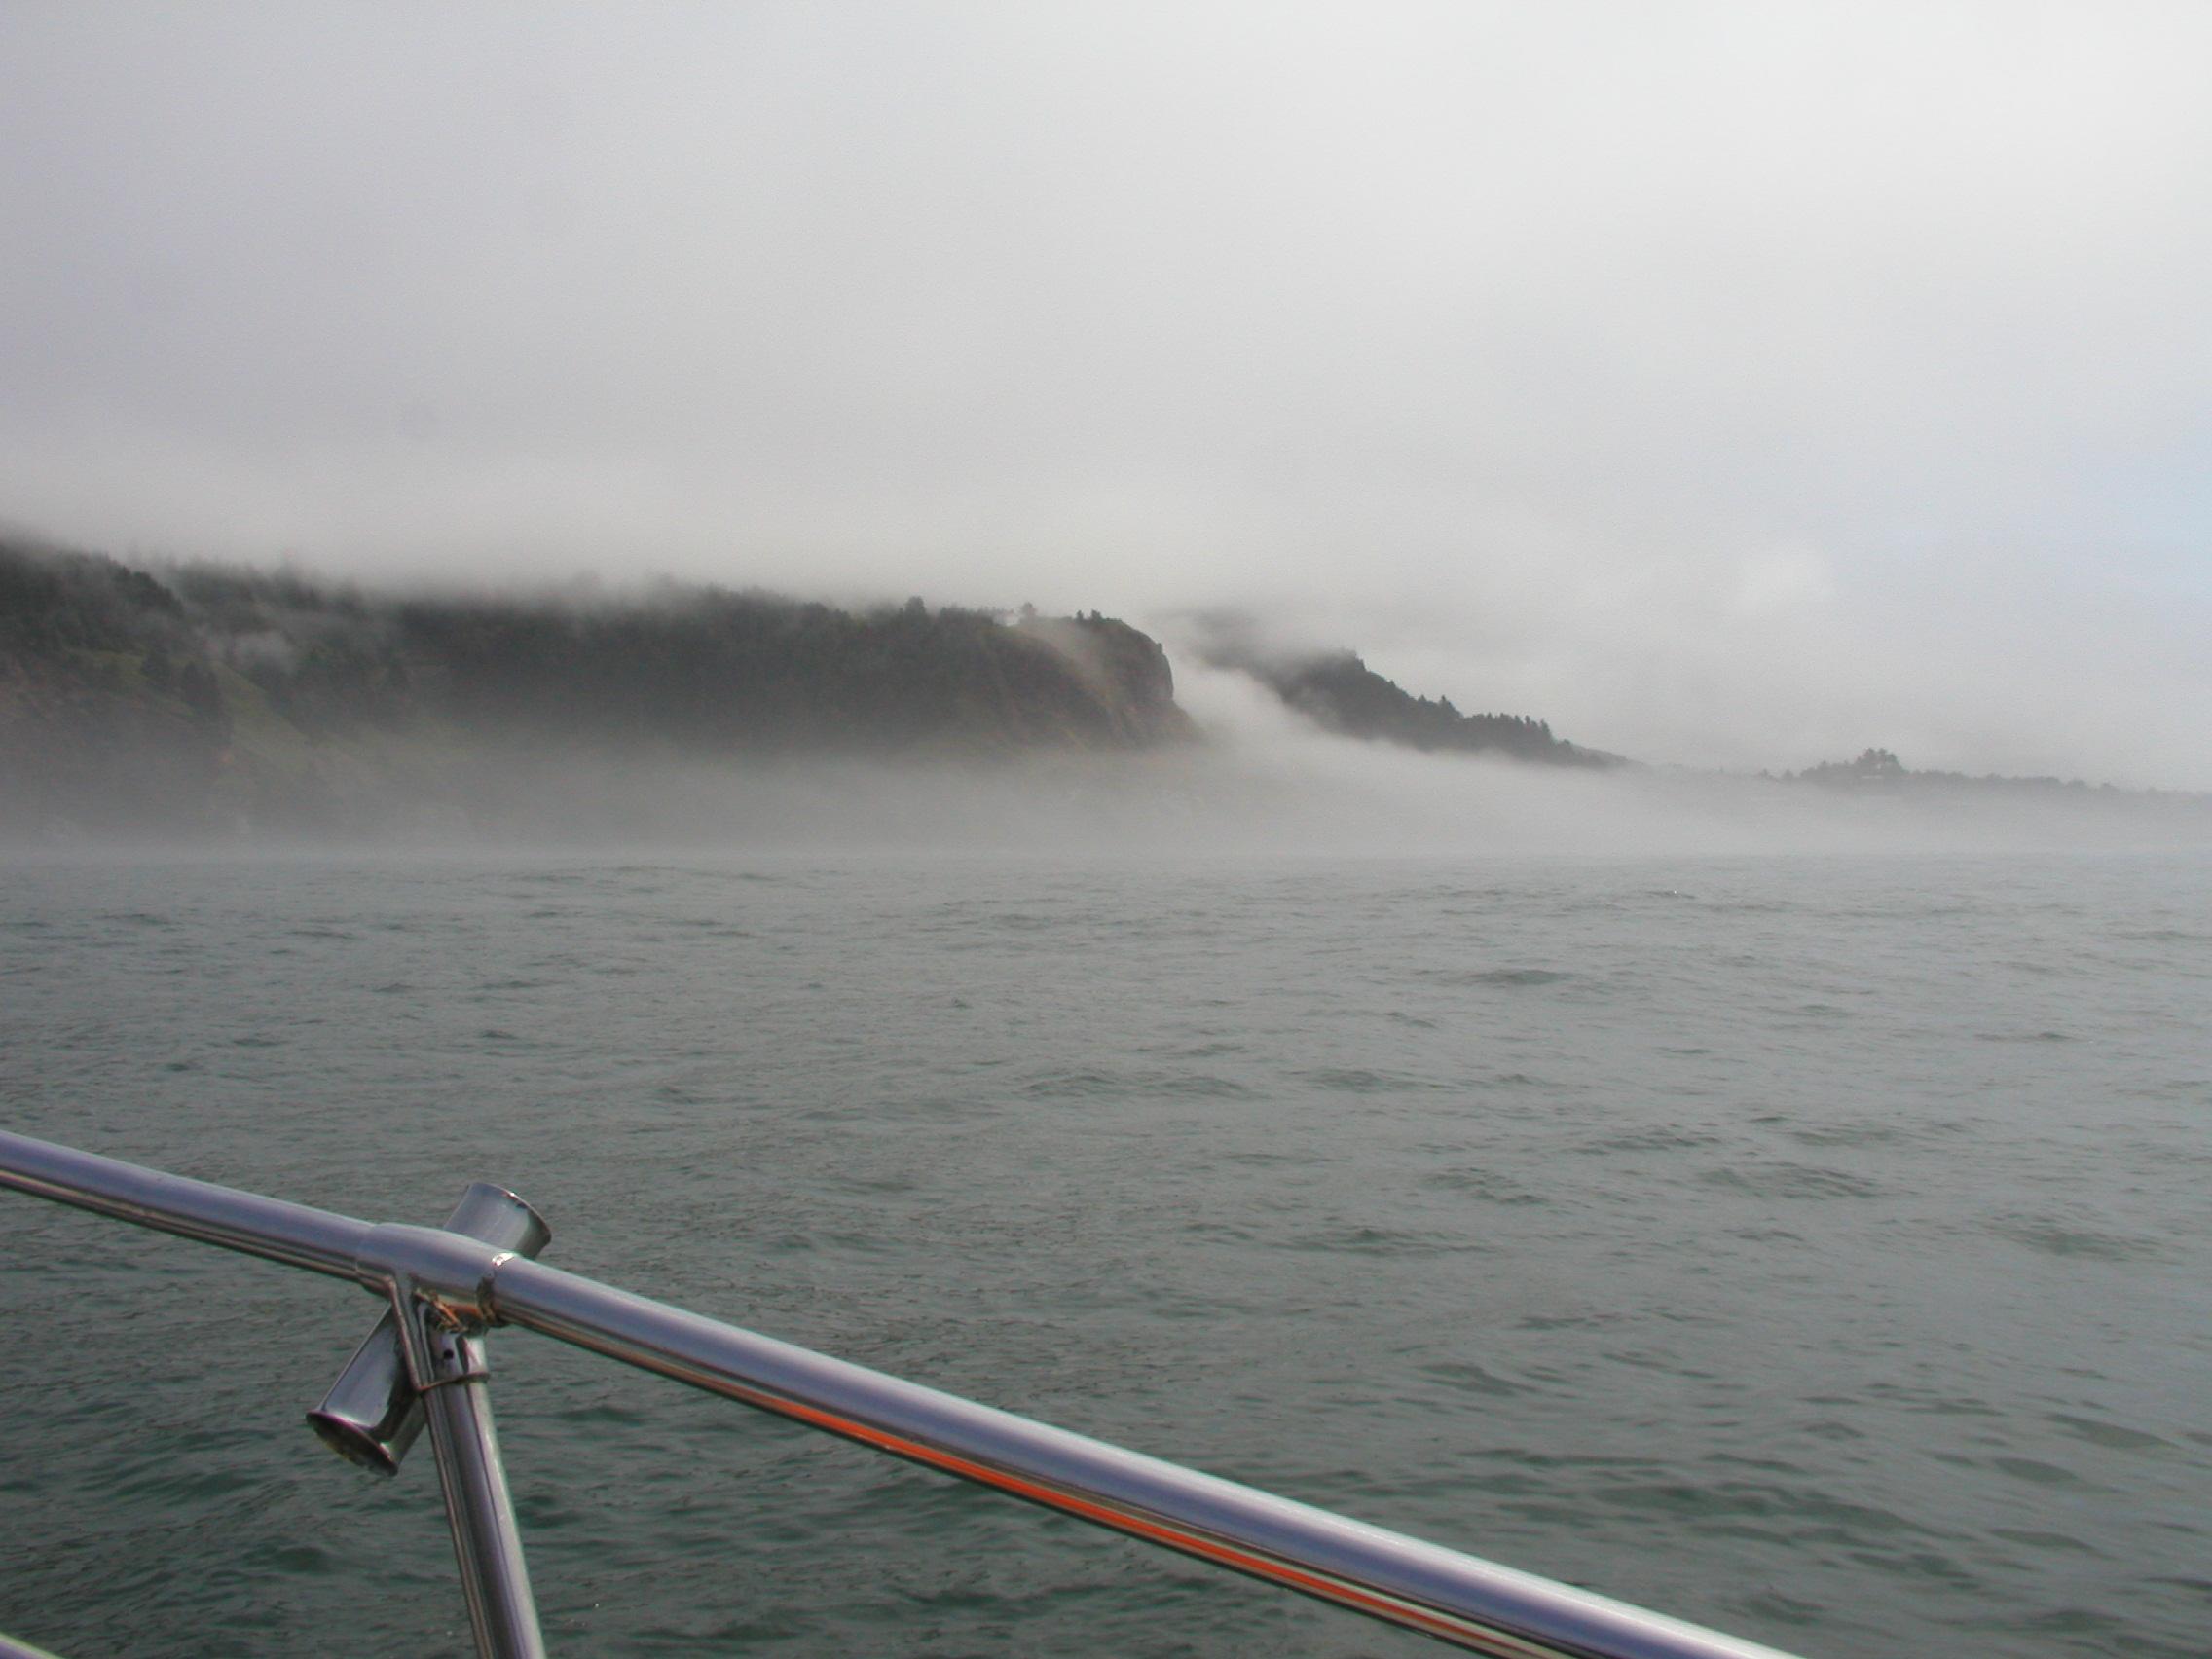 41_looking toward shore